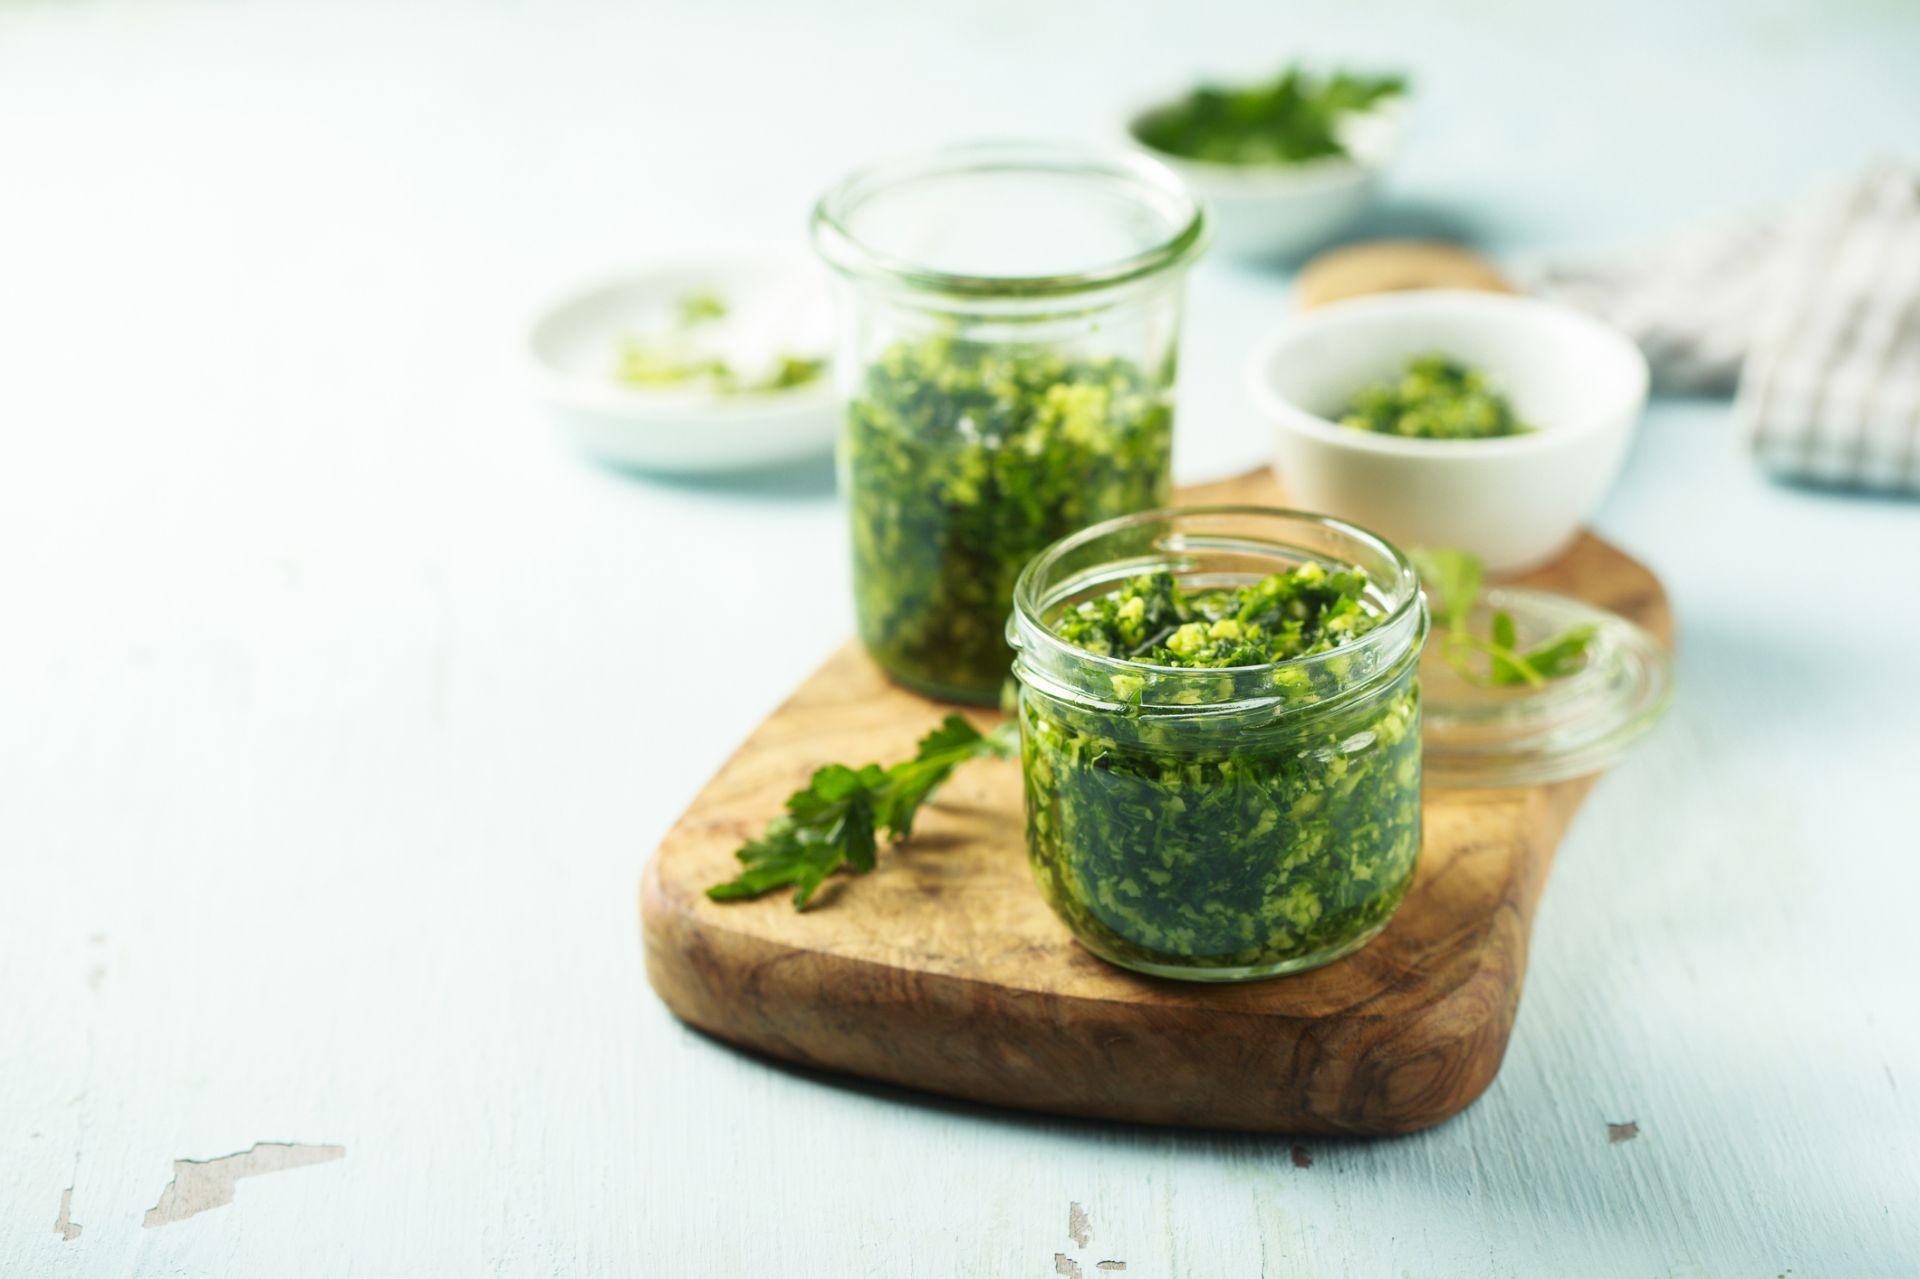 Kuchnia Zero Waste Pesto Z Lisci Lub Natki Do Przygotowania Takiego Zdrowego Pesto Potrzebowac Bedziemy Natki Pietruszki Marchew Recipes Pesto Recipe Pesto